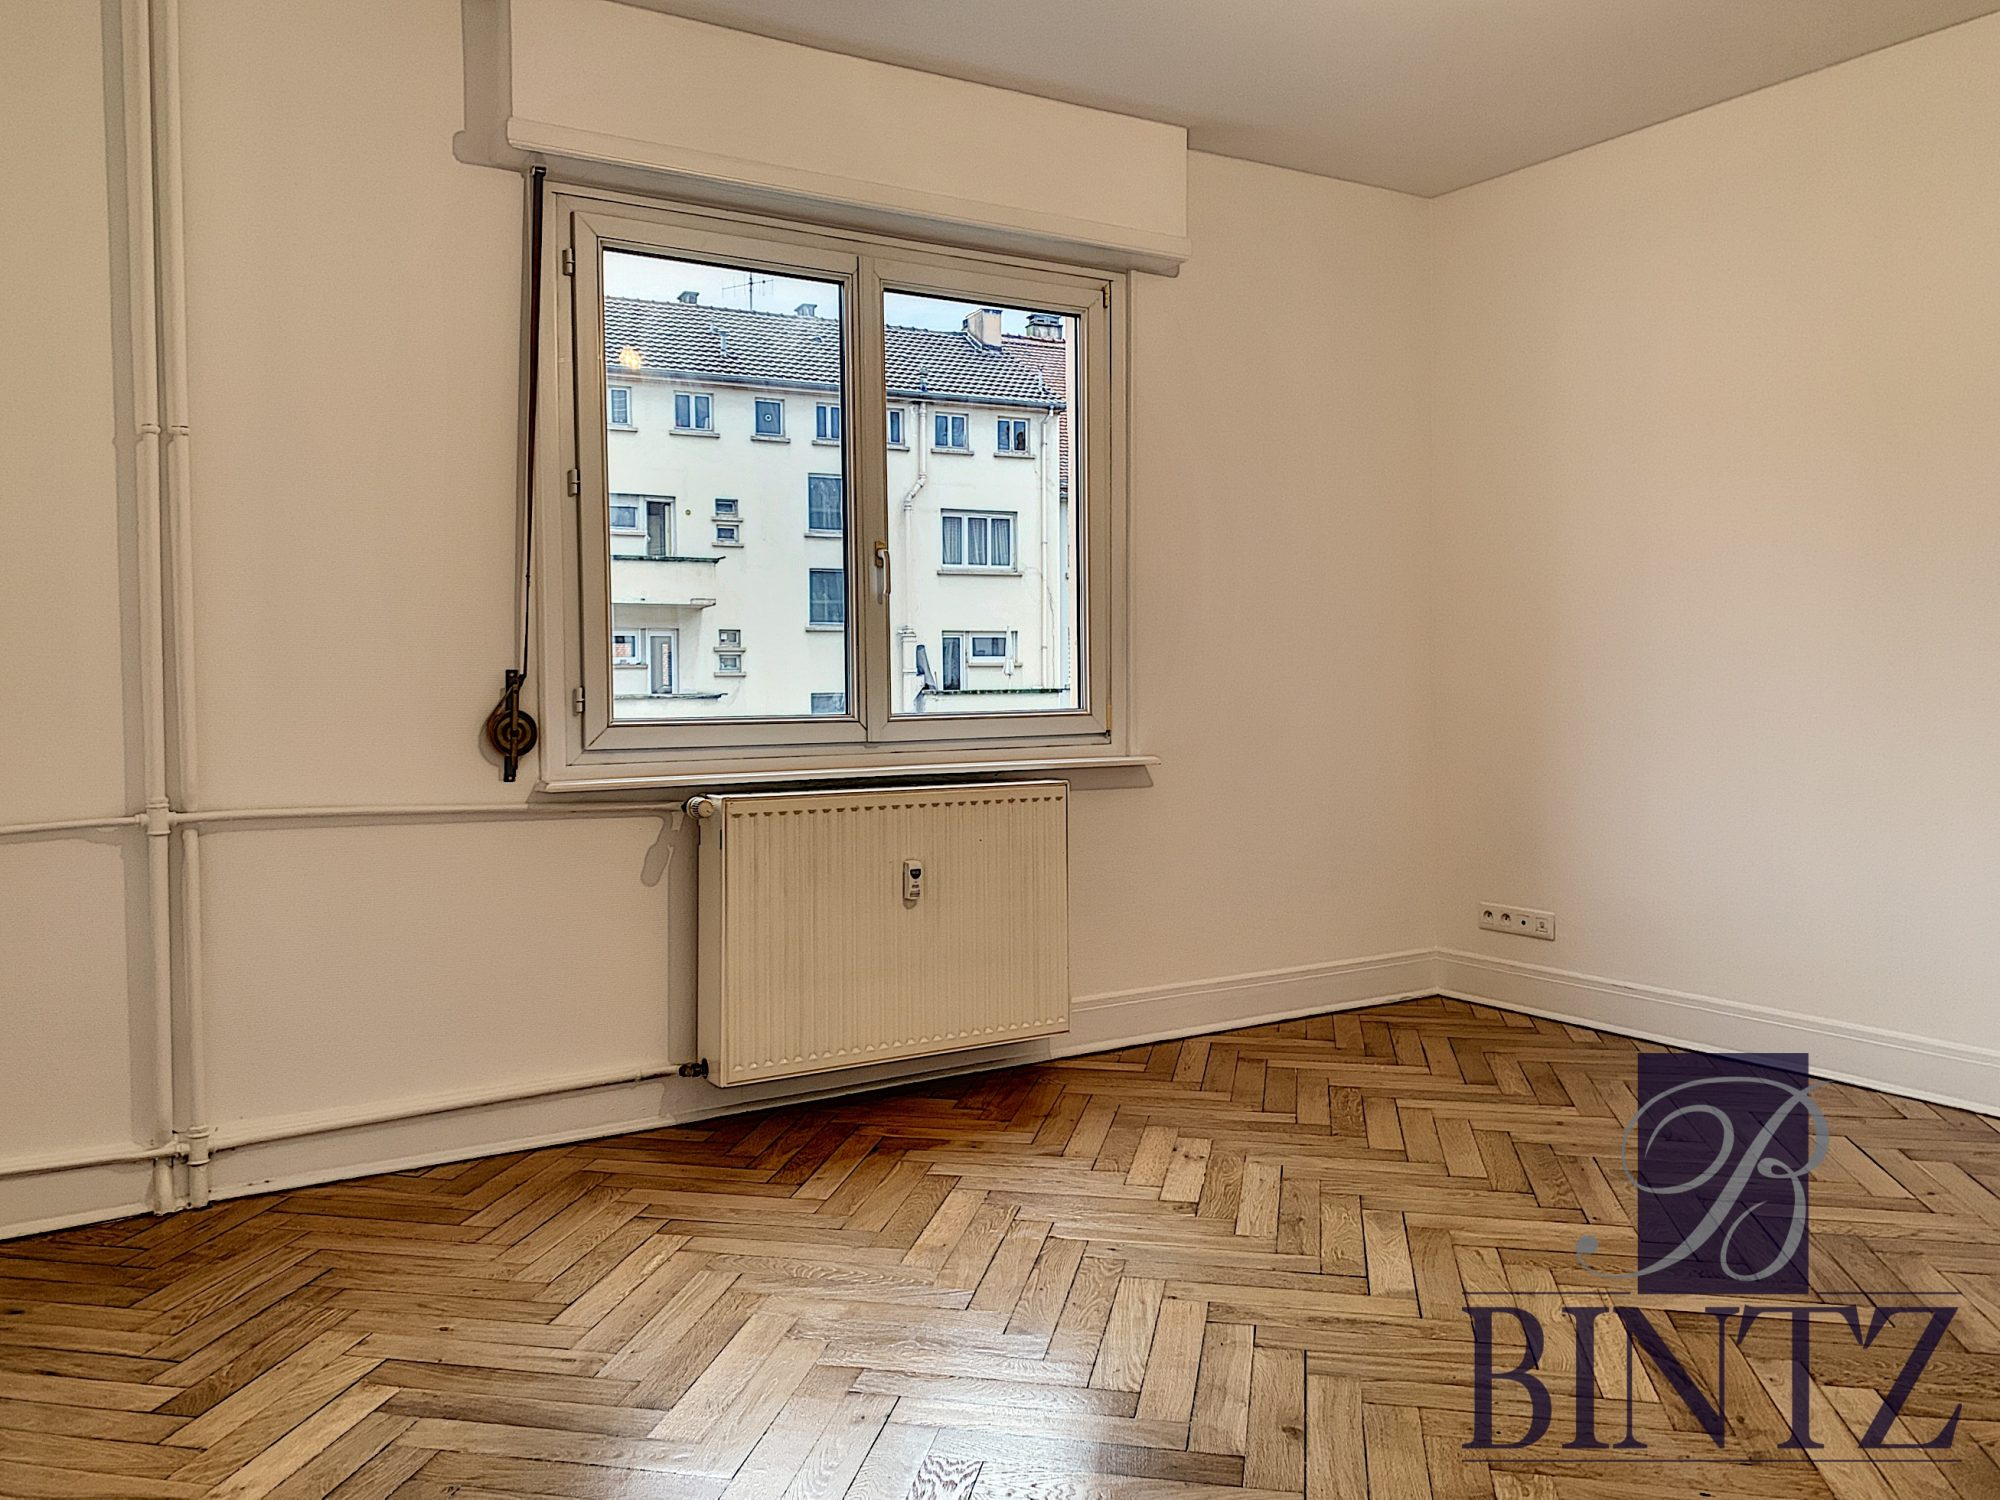 Krutenau – 2 pièces entièrement rénové - Devenez locataire en toute sérénité - Bintz Immobilier - 1